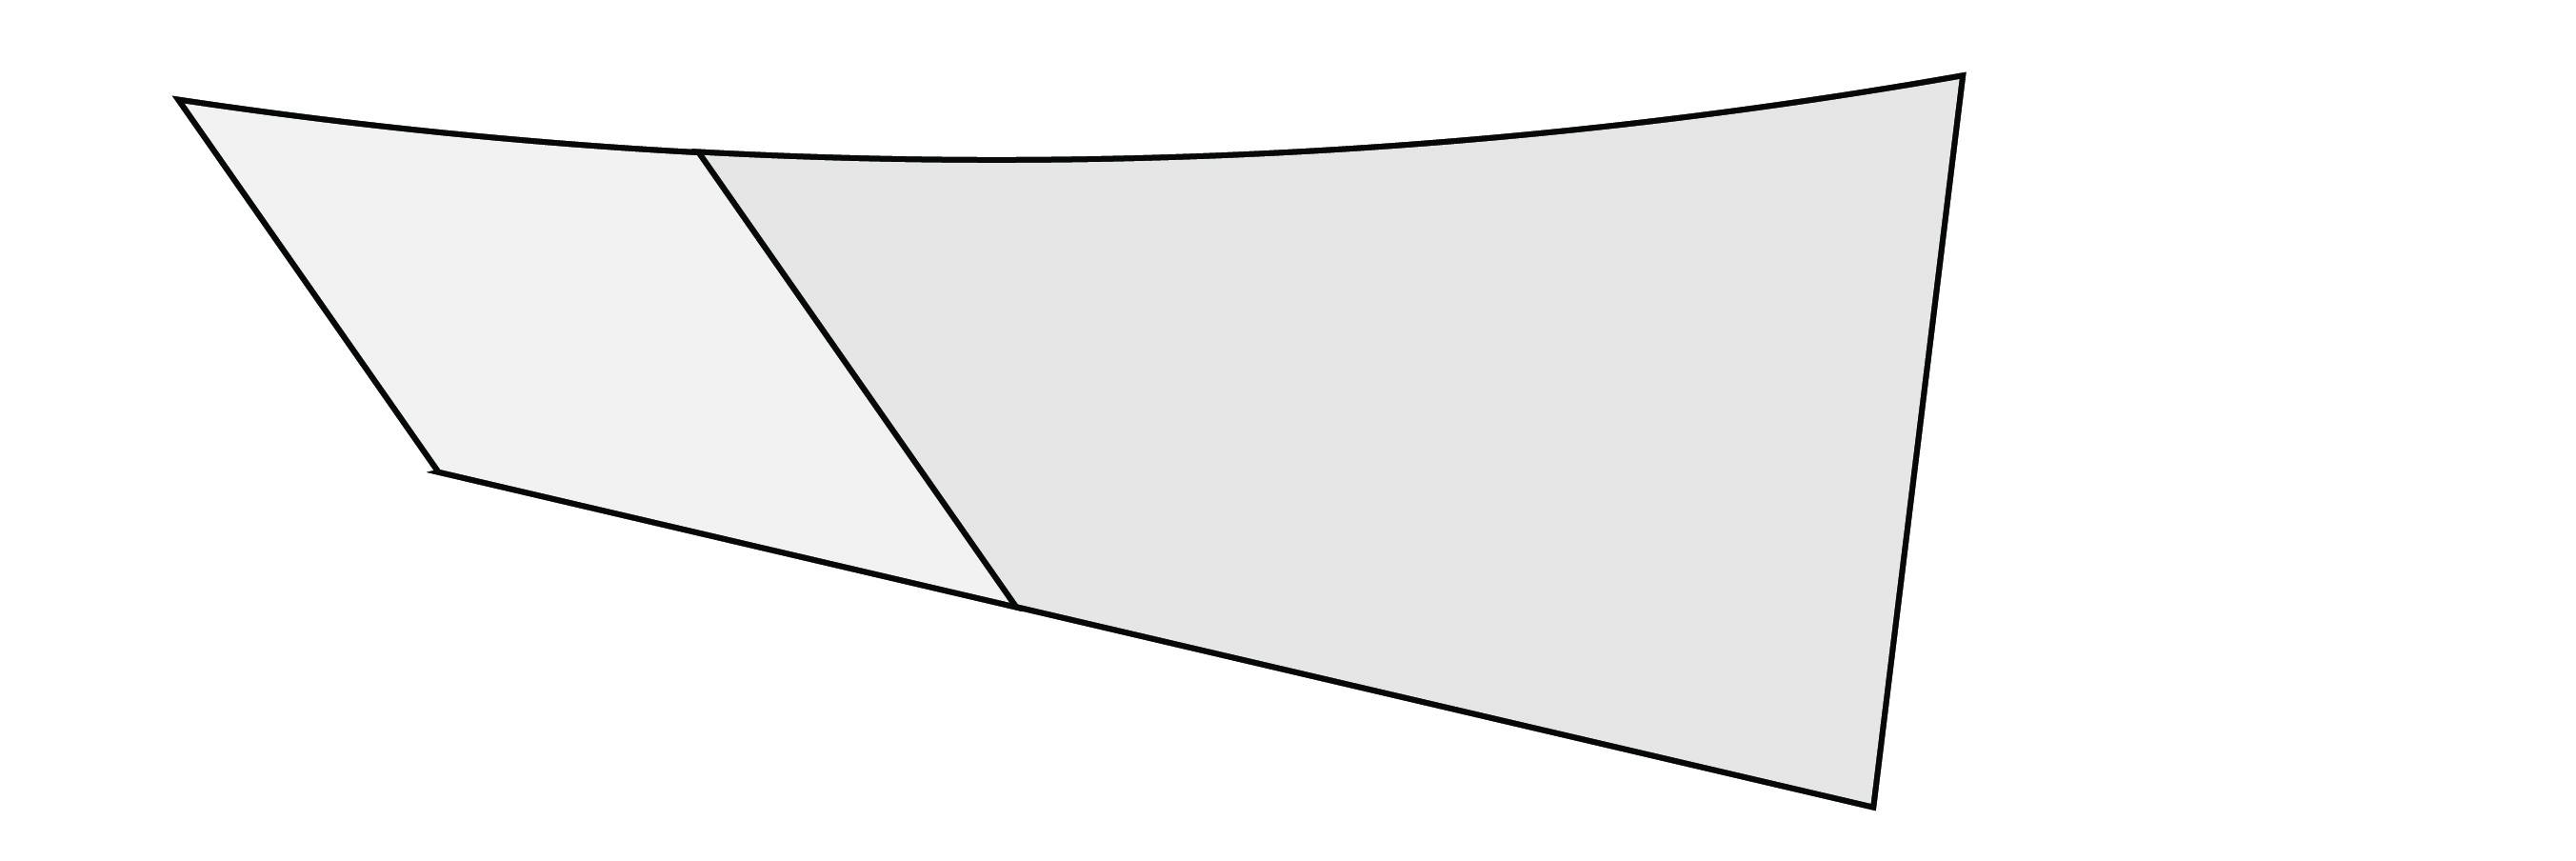 Diagrams2-09